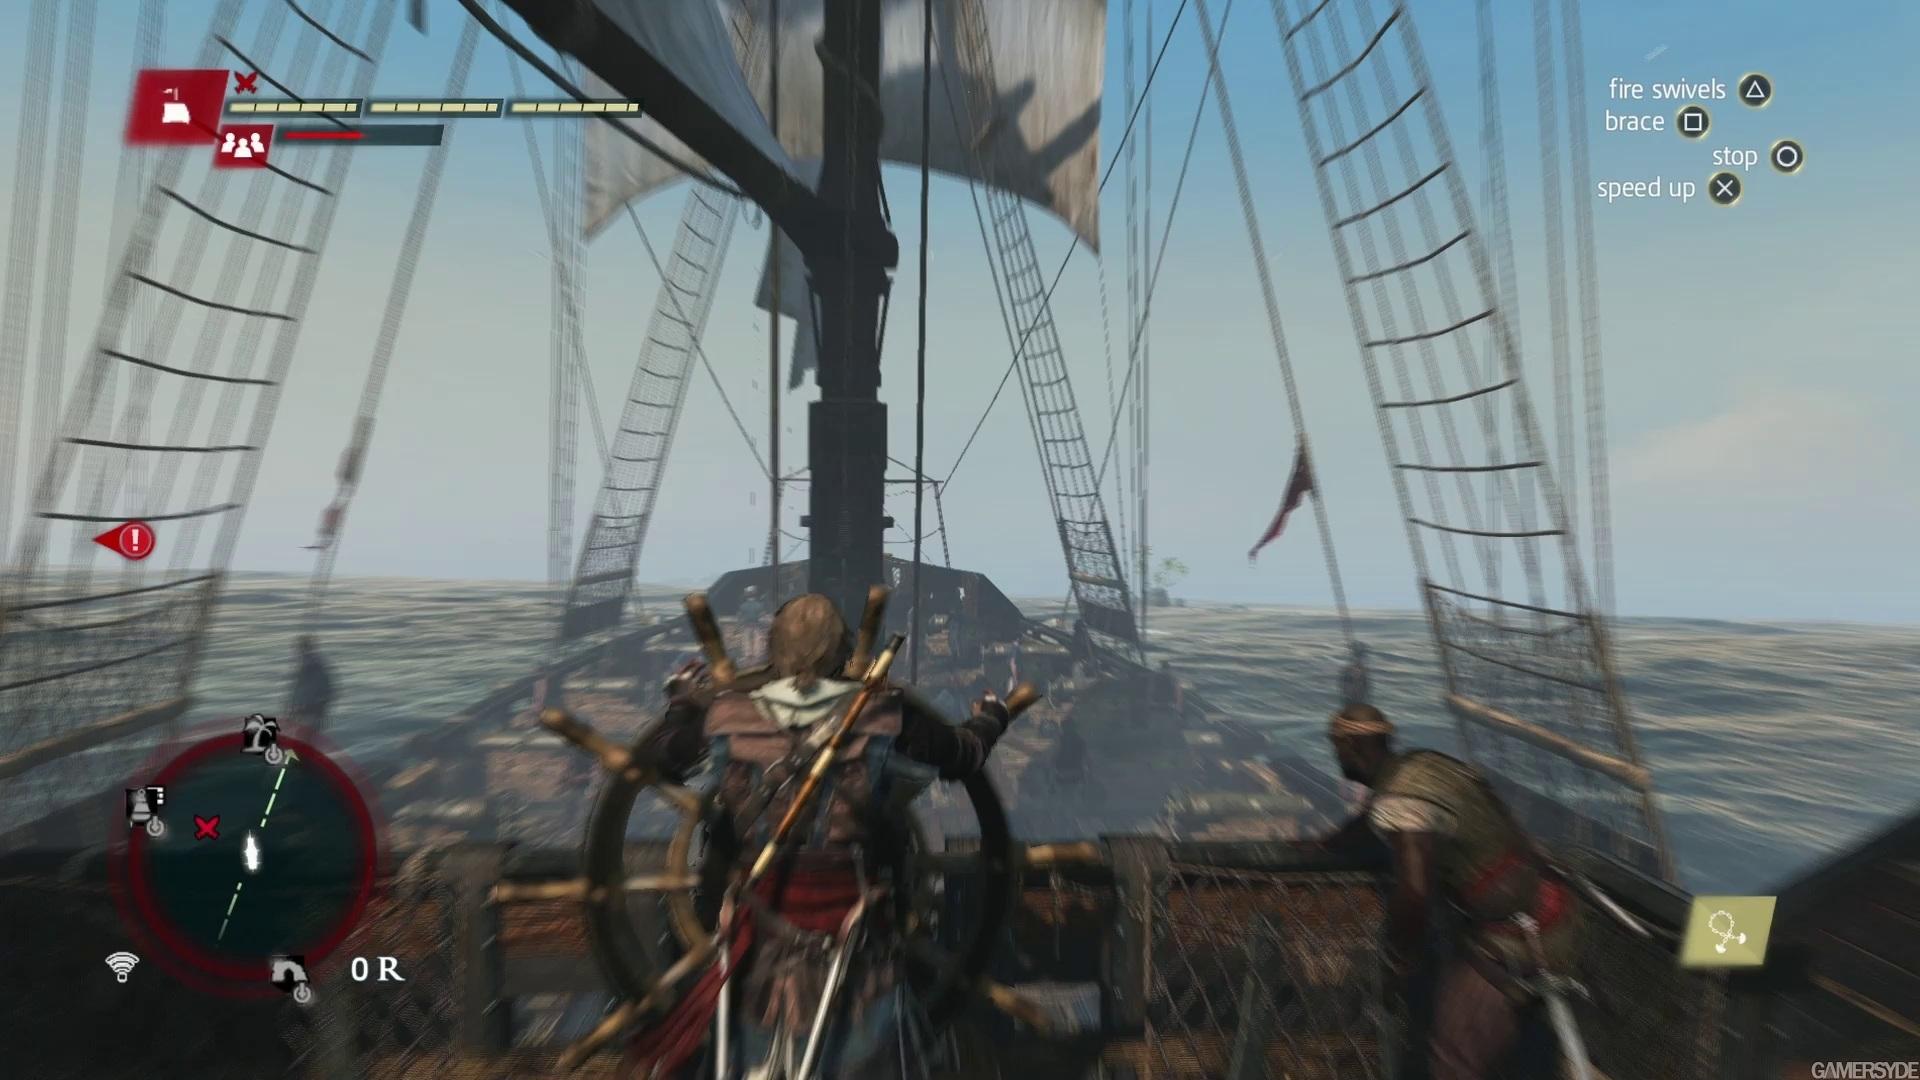 image   23118 1 0014 با تصاویر جدید Assassins Creed IV، شکار کوسه، پیدا کردن گنج ها در زیر آب و بیشتر را ببینید